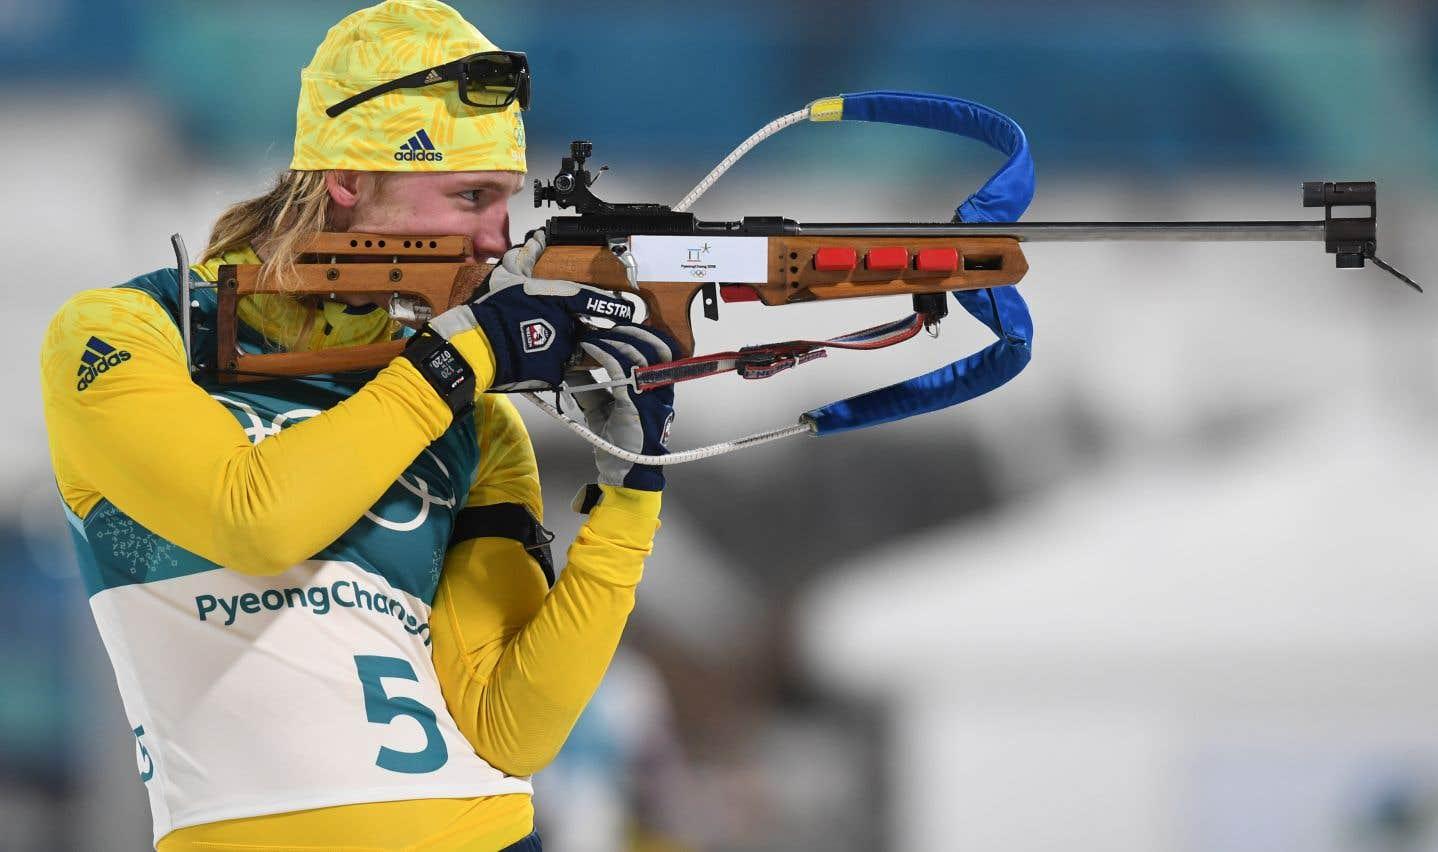 Le biathlon n'apparaît aux Jeux olympiques d'hiver qu'en 1960, où il ne compte d'abord que pour une épreuve.